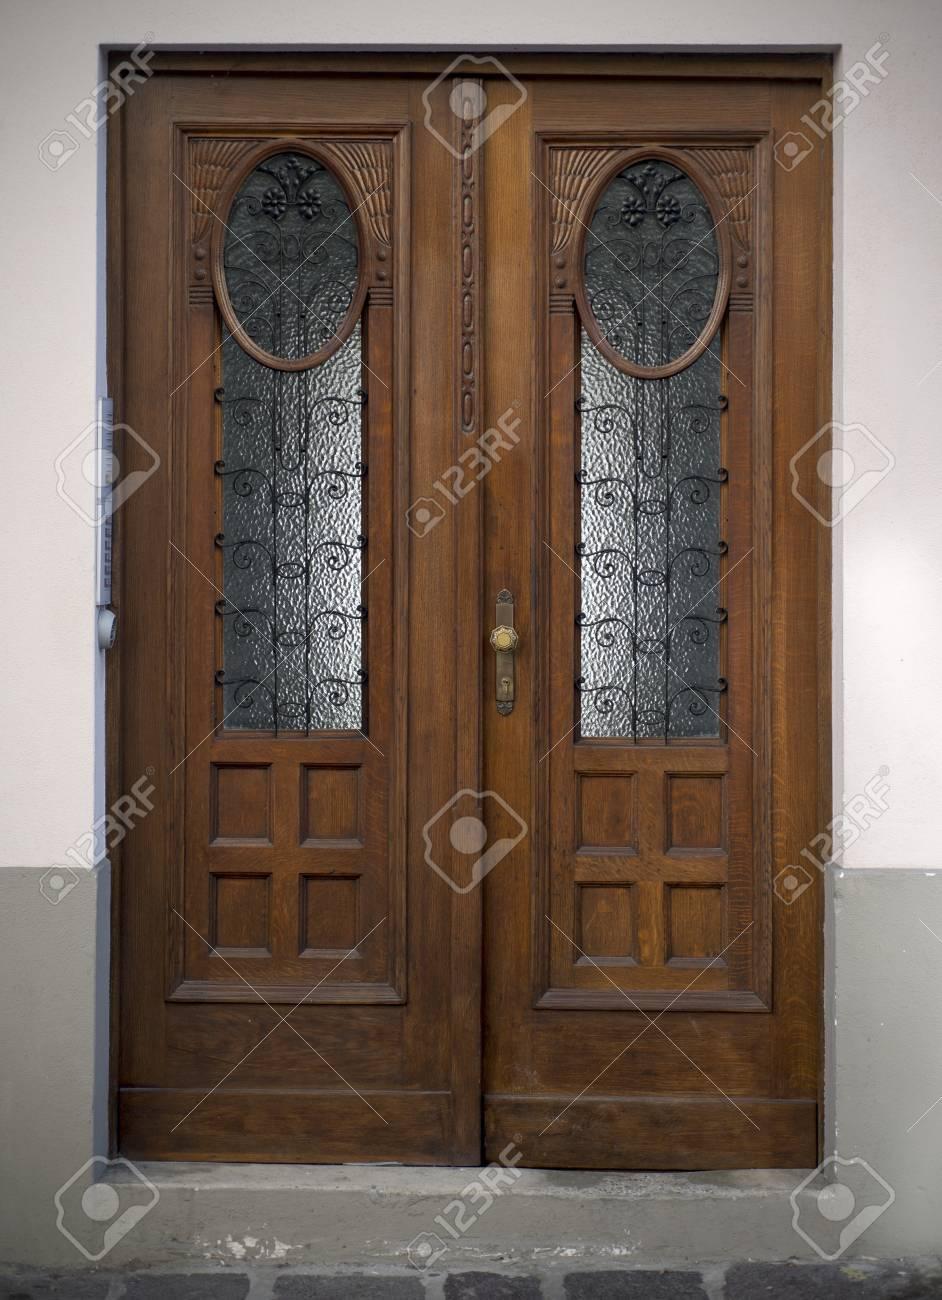 Old doors, handles, locks, lattices and windows  Ljubljana